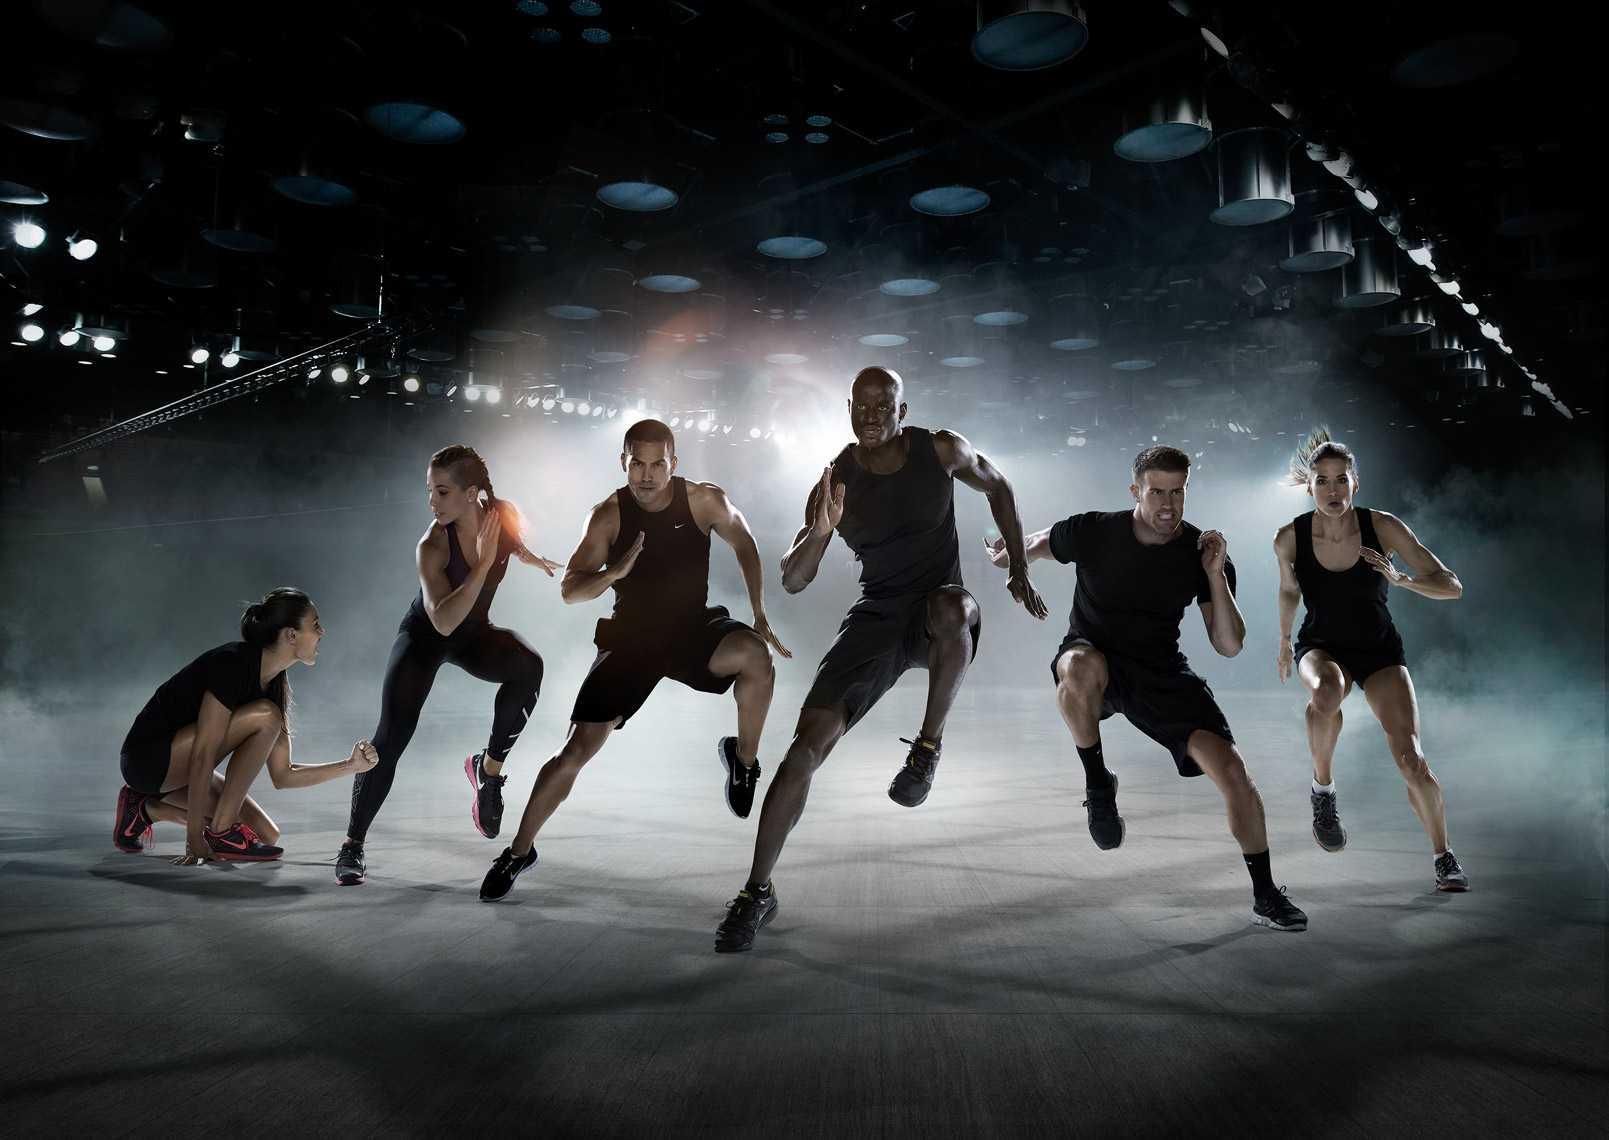 Группа тренеров Лес Миллс создали тренировку, которая доступна абсолютно каждому С Body Vive вы получите хорошую физическую нагрузку, заряд бодрости и силы